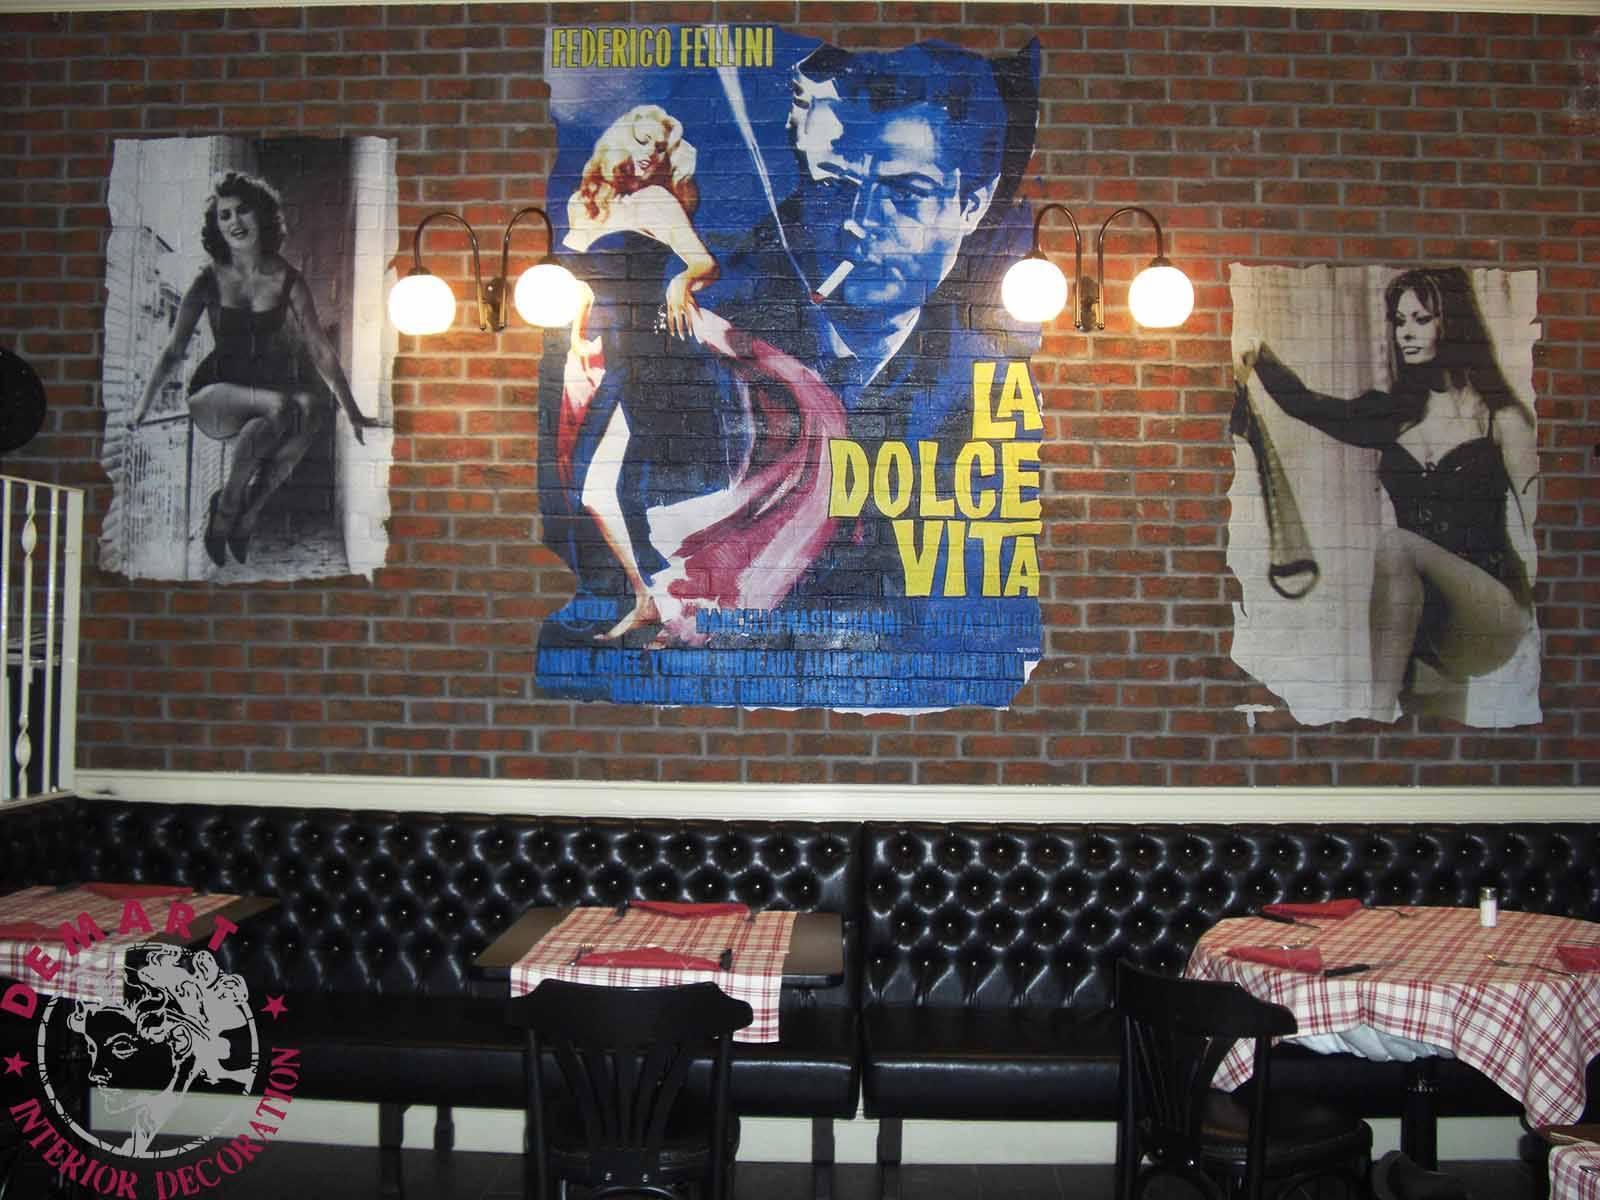 milano-ristorante-soliti-ignoti-de-angeli-14